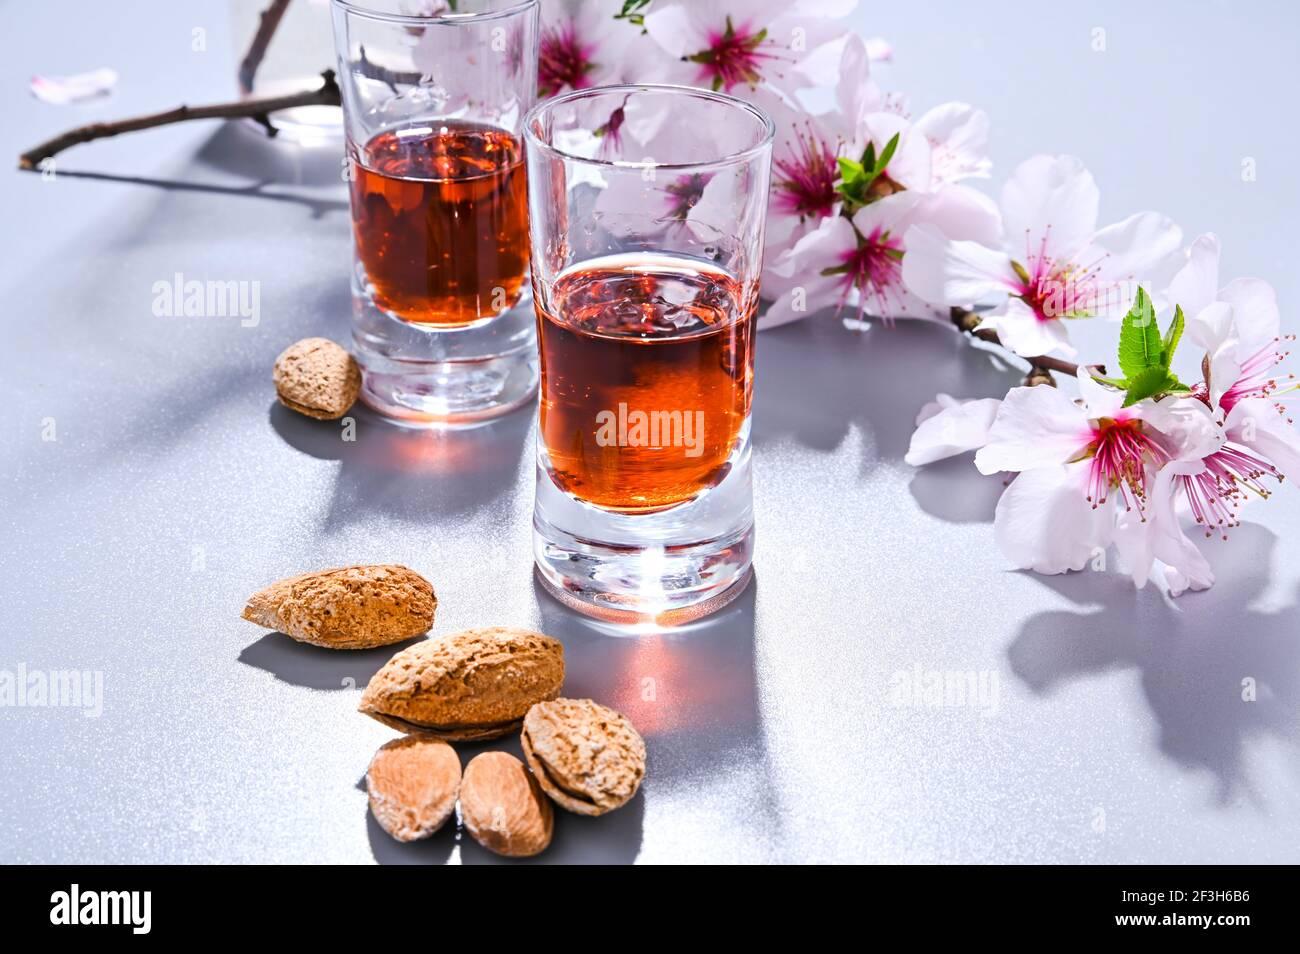 liqueur d'amande. La boisson traditionnelle forte en italie pour compléter le dîner est une liqueur à base de noix et de baies. Ratafia, alcool en grenaille. Vue de dessus sur la table et amandes en fleurs. Copier l'espace Banque D'Images